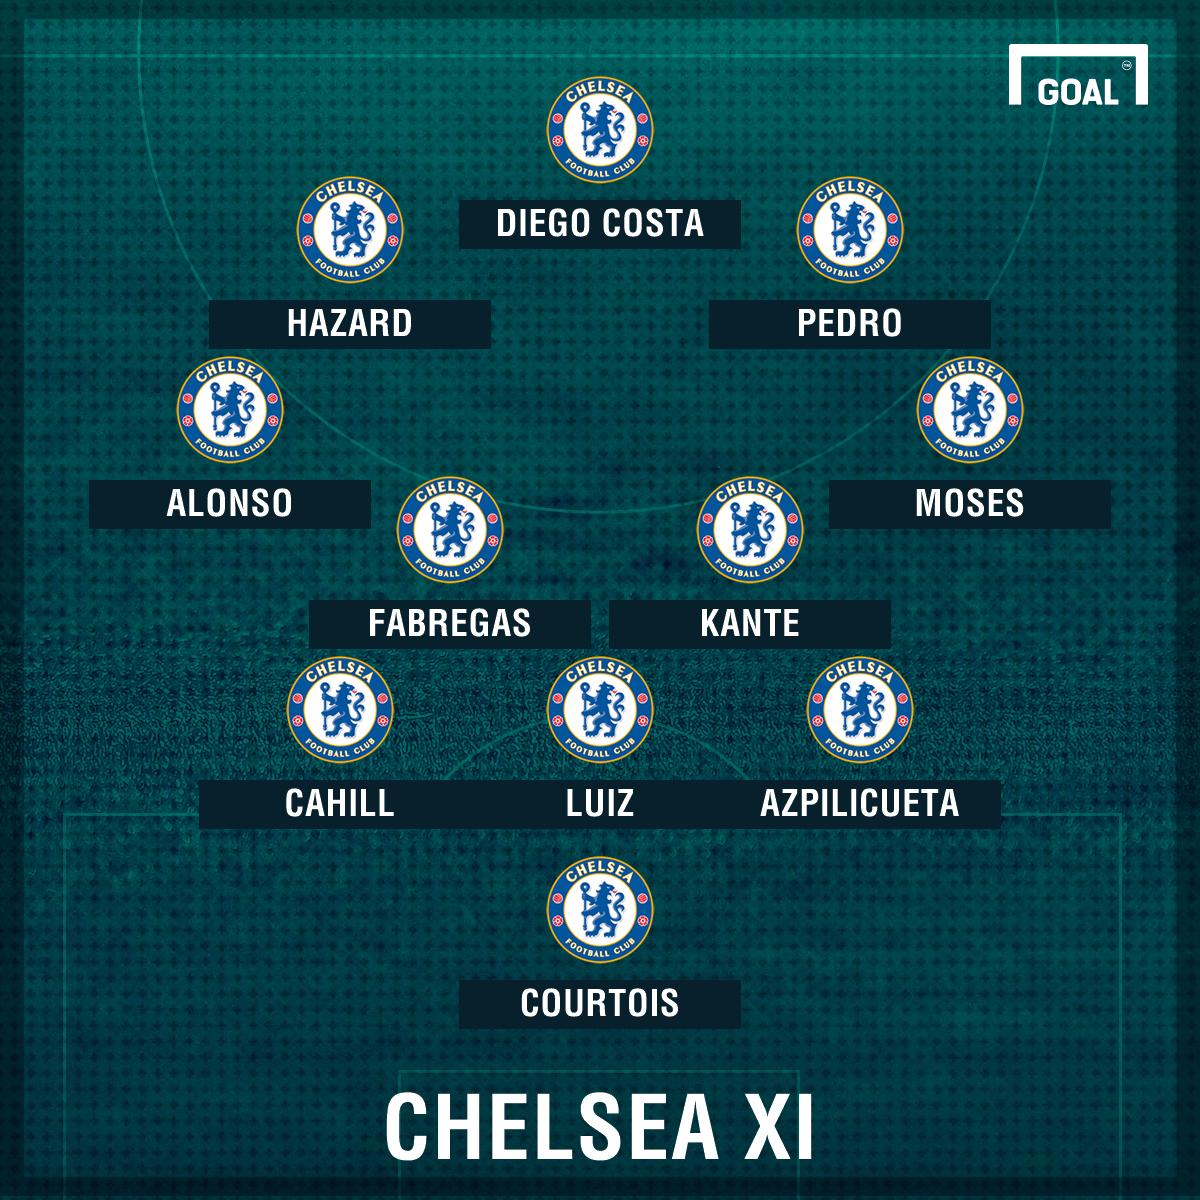 Conte's Chelsea